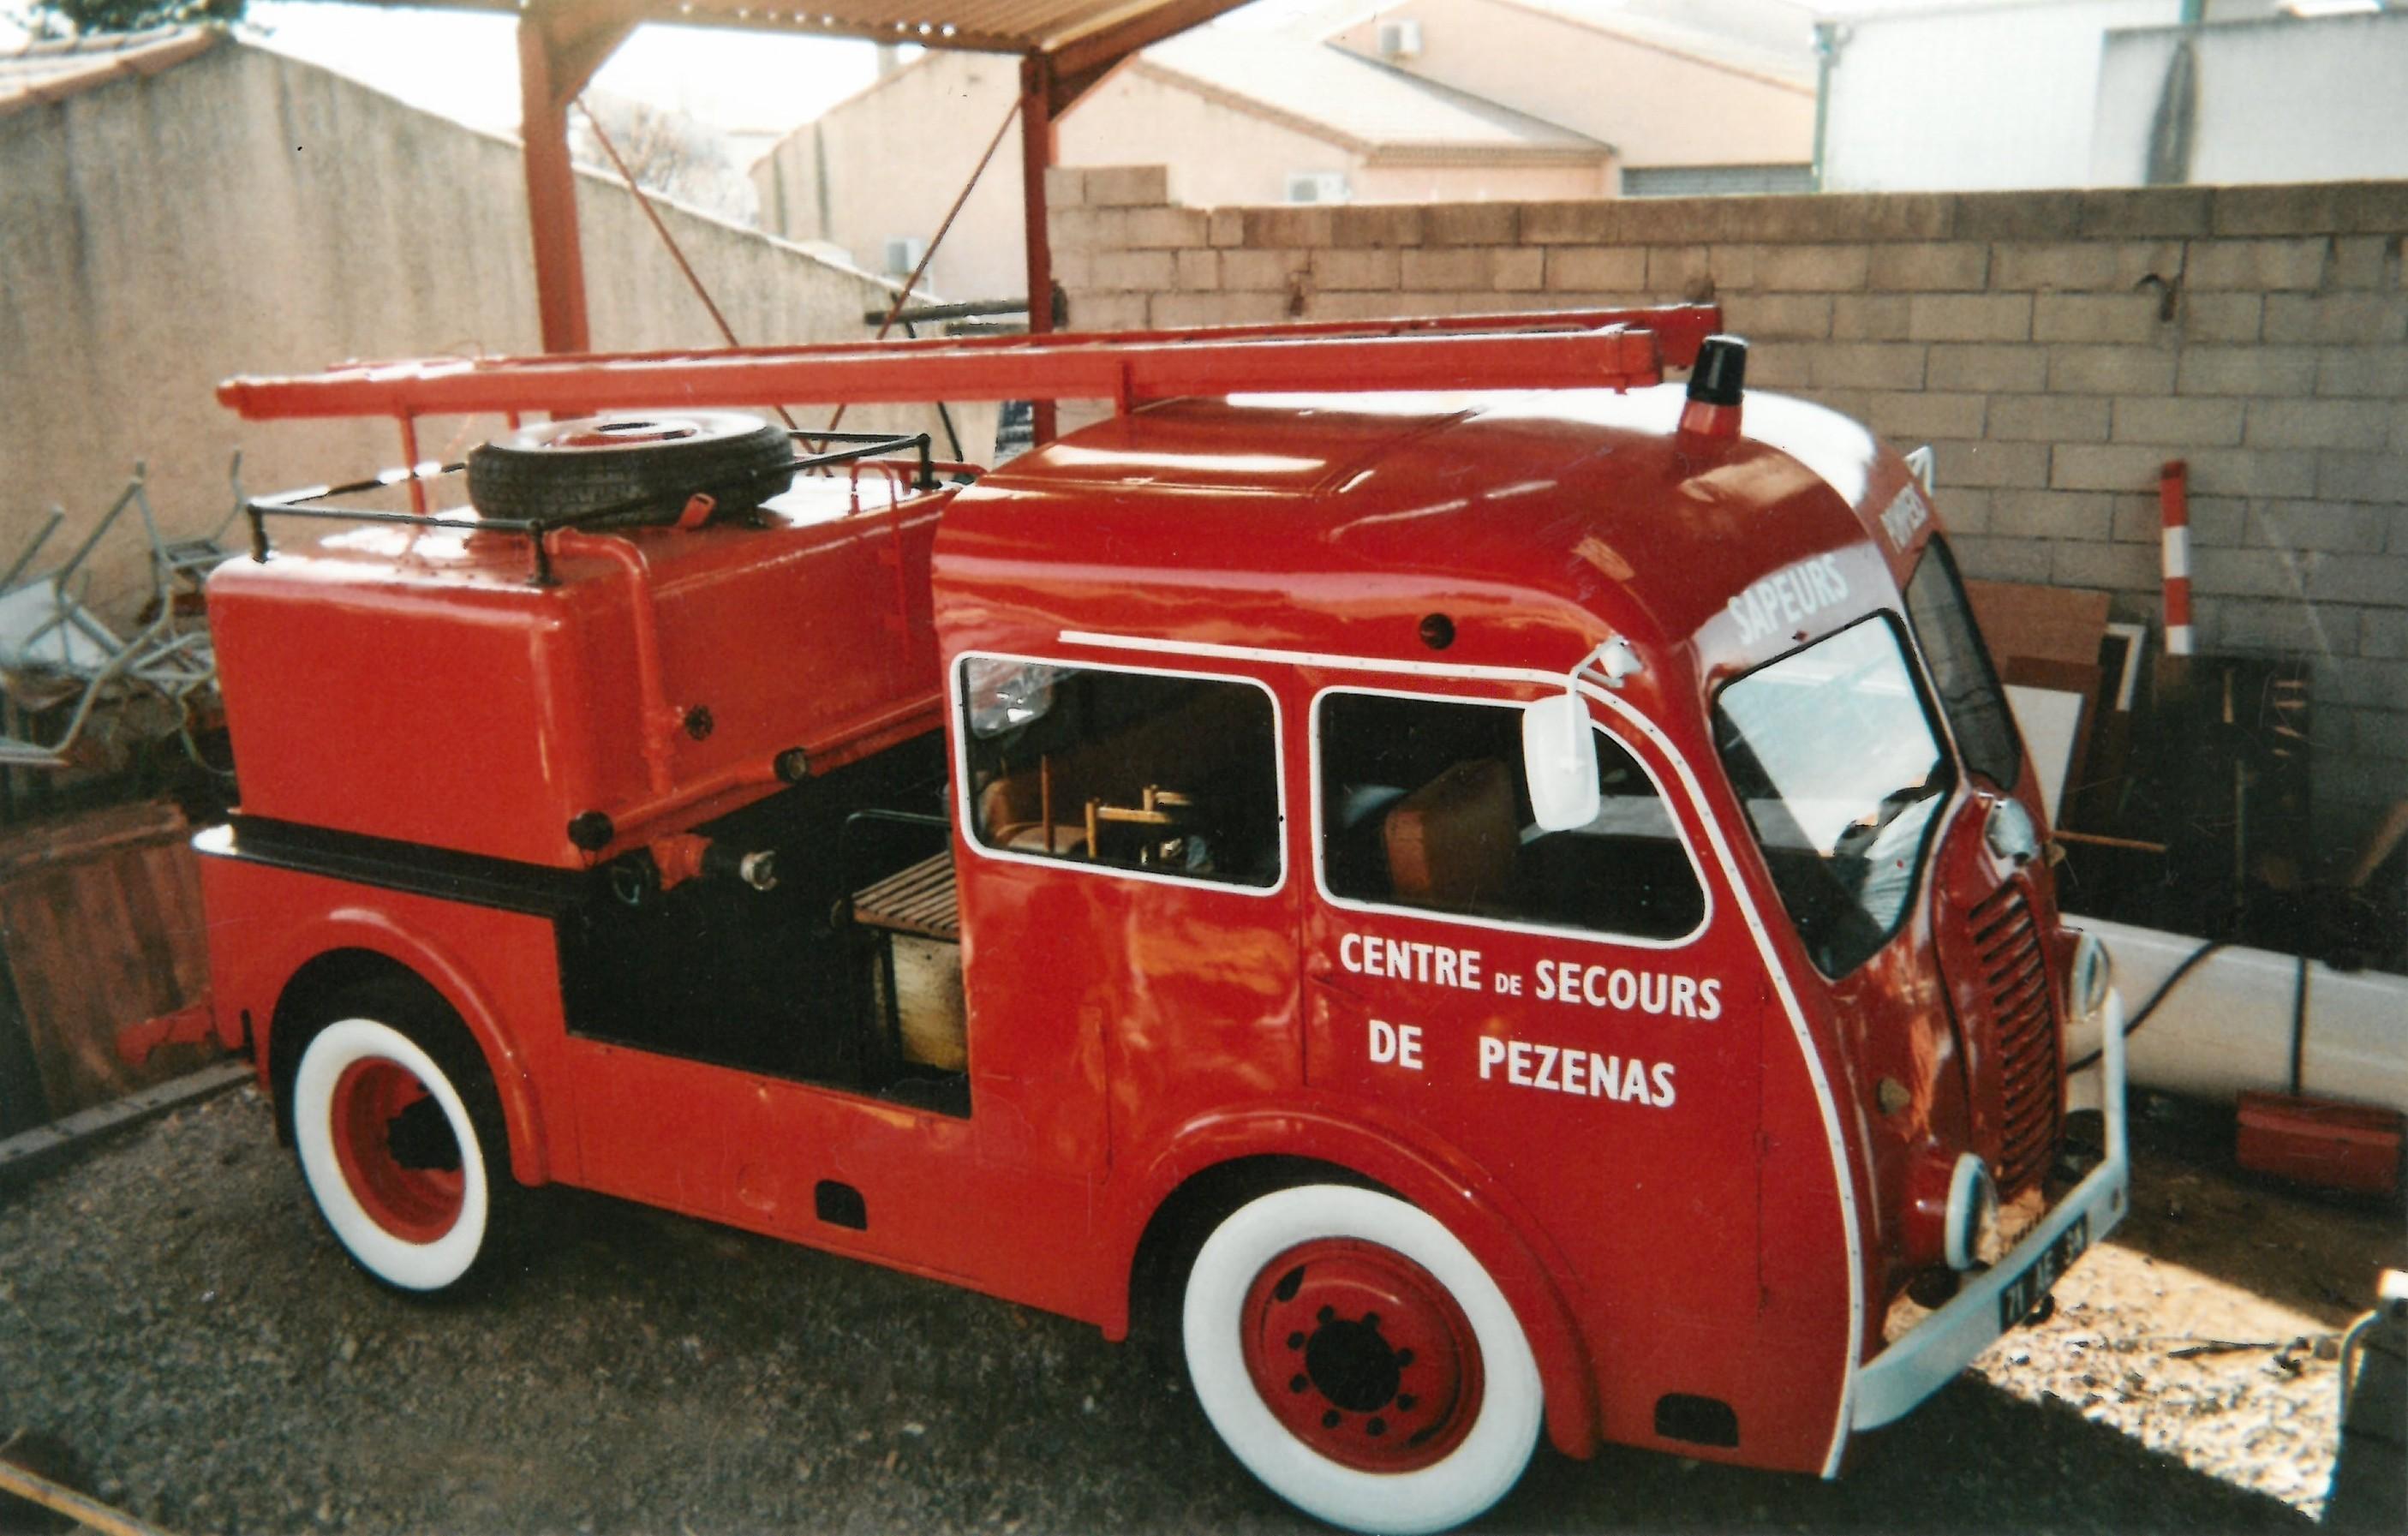 restauration de v hicules anciens sapeurs pompiers auto titre. Black Bedroom Furniture Sets. Home Design Ideas